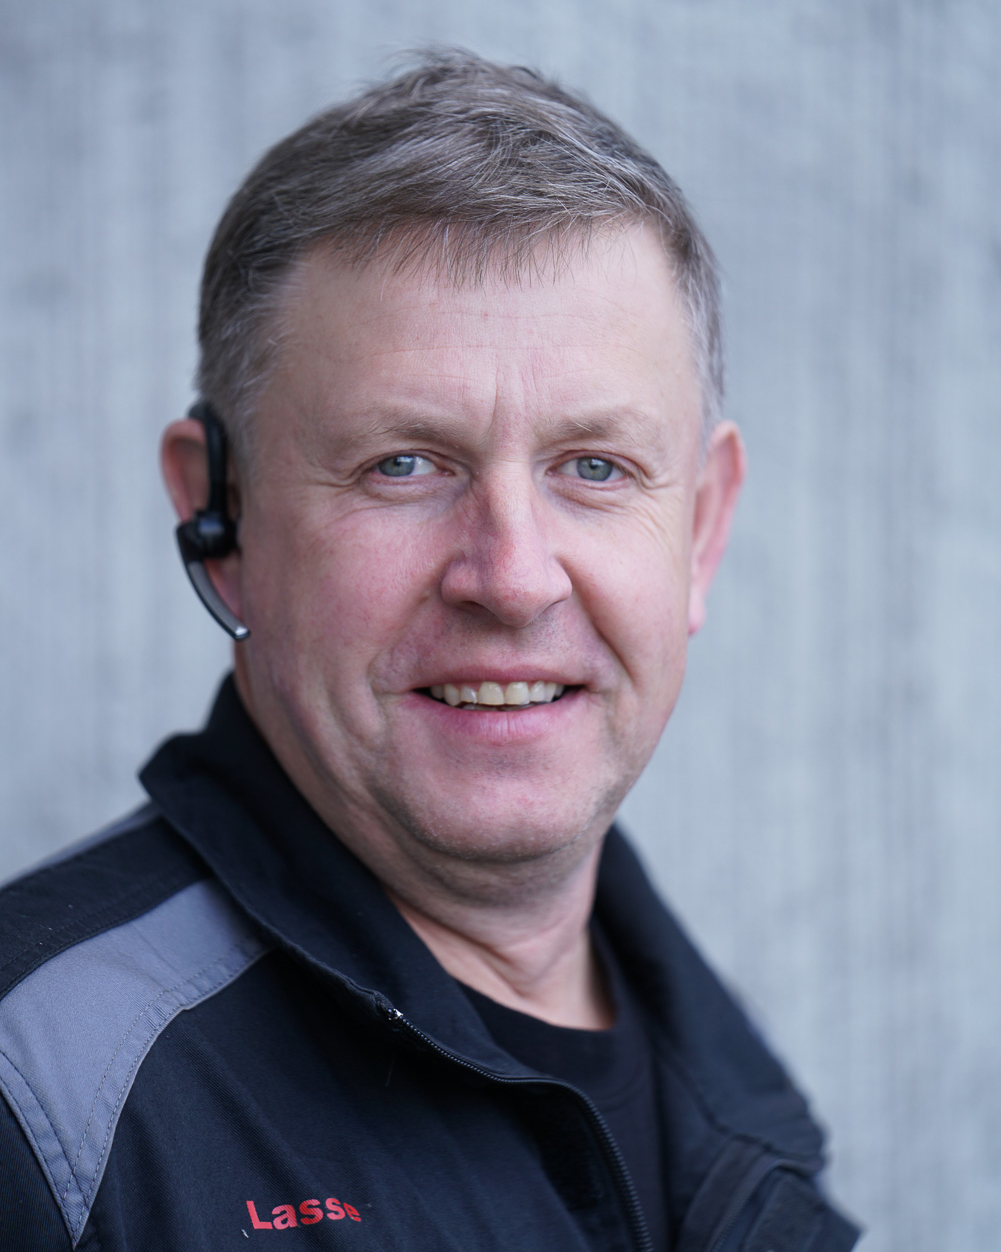 Lars Knutsson